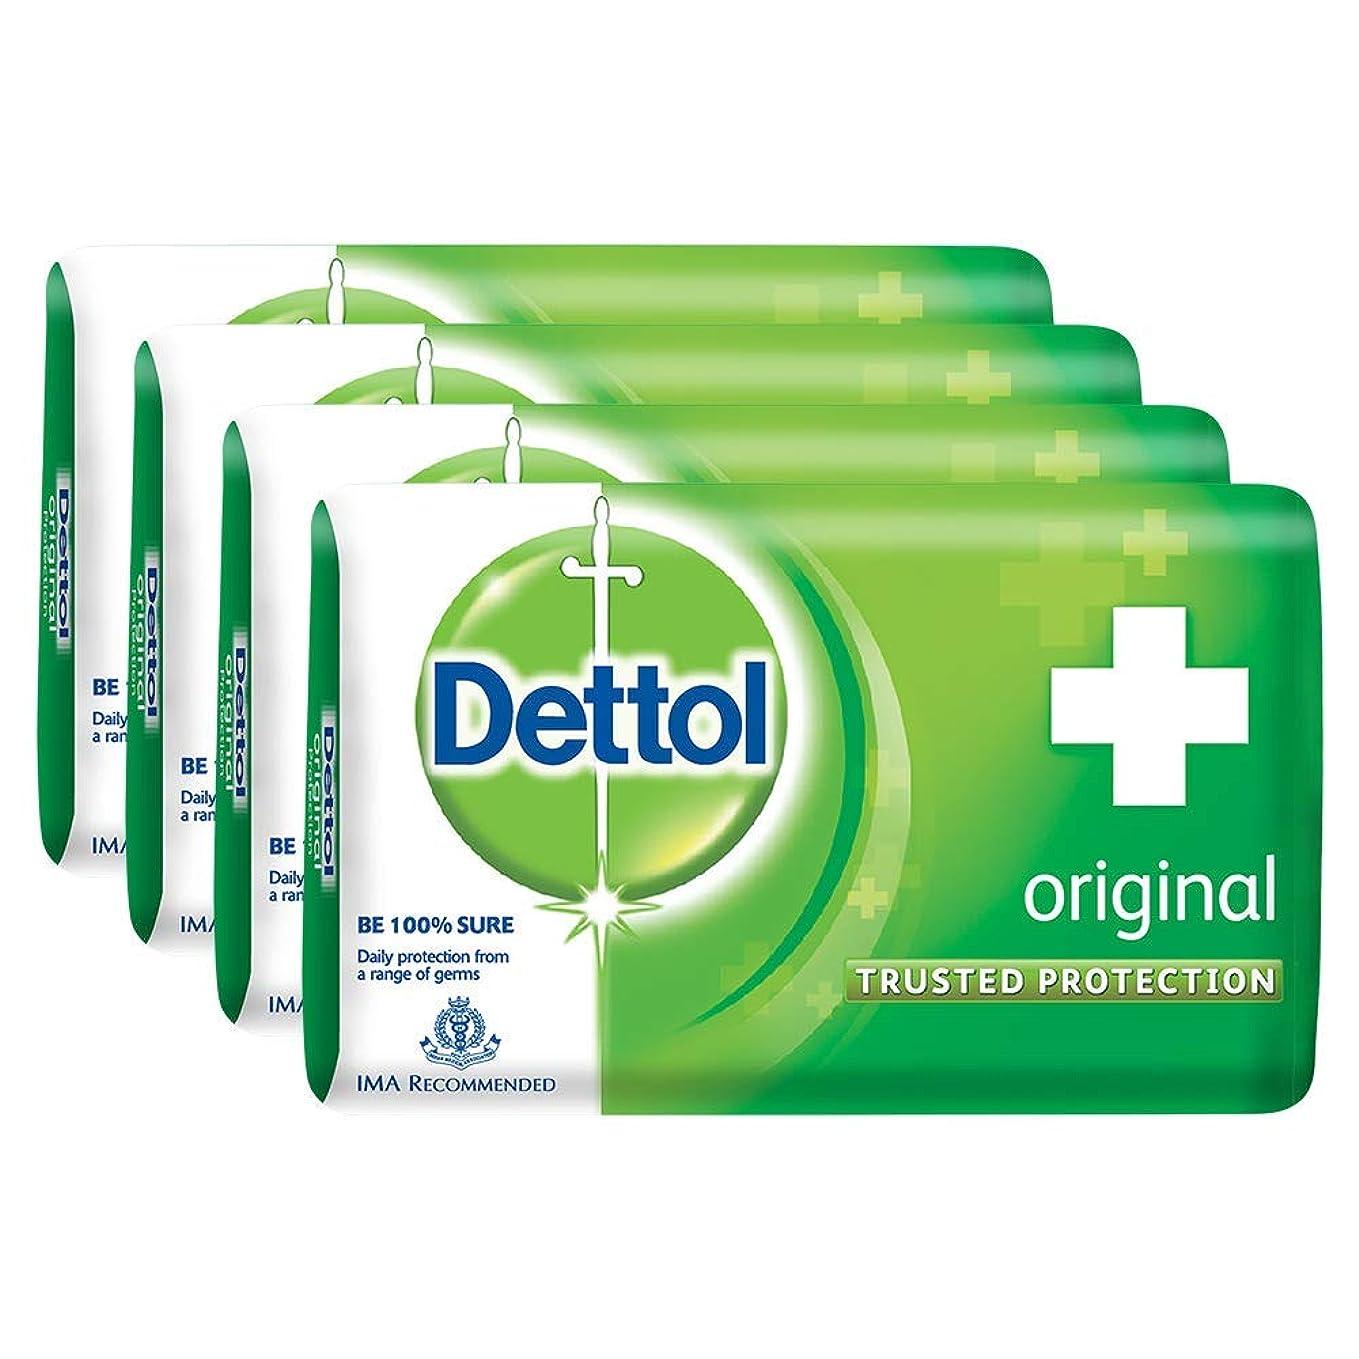 アイロニームス非武装化Dettol Original Soap, 125g (Pack Of 4) SHIP FROM INDIA